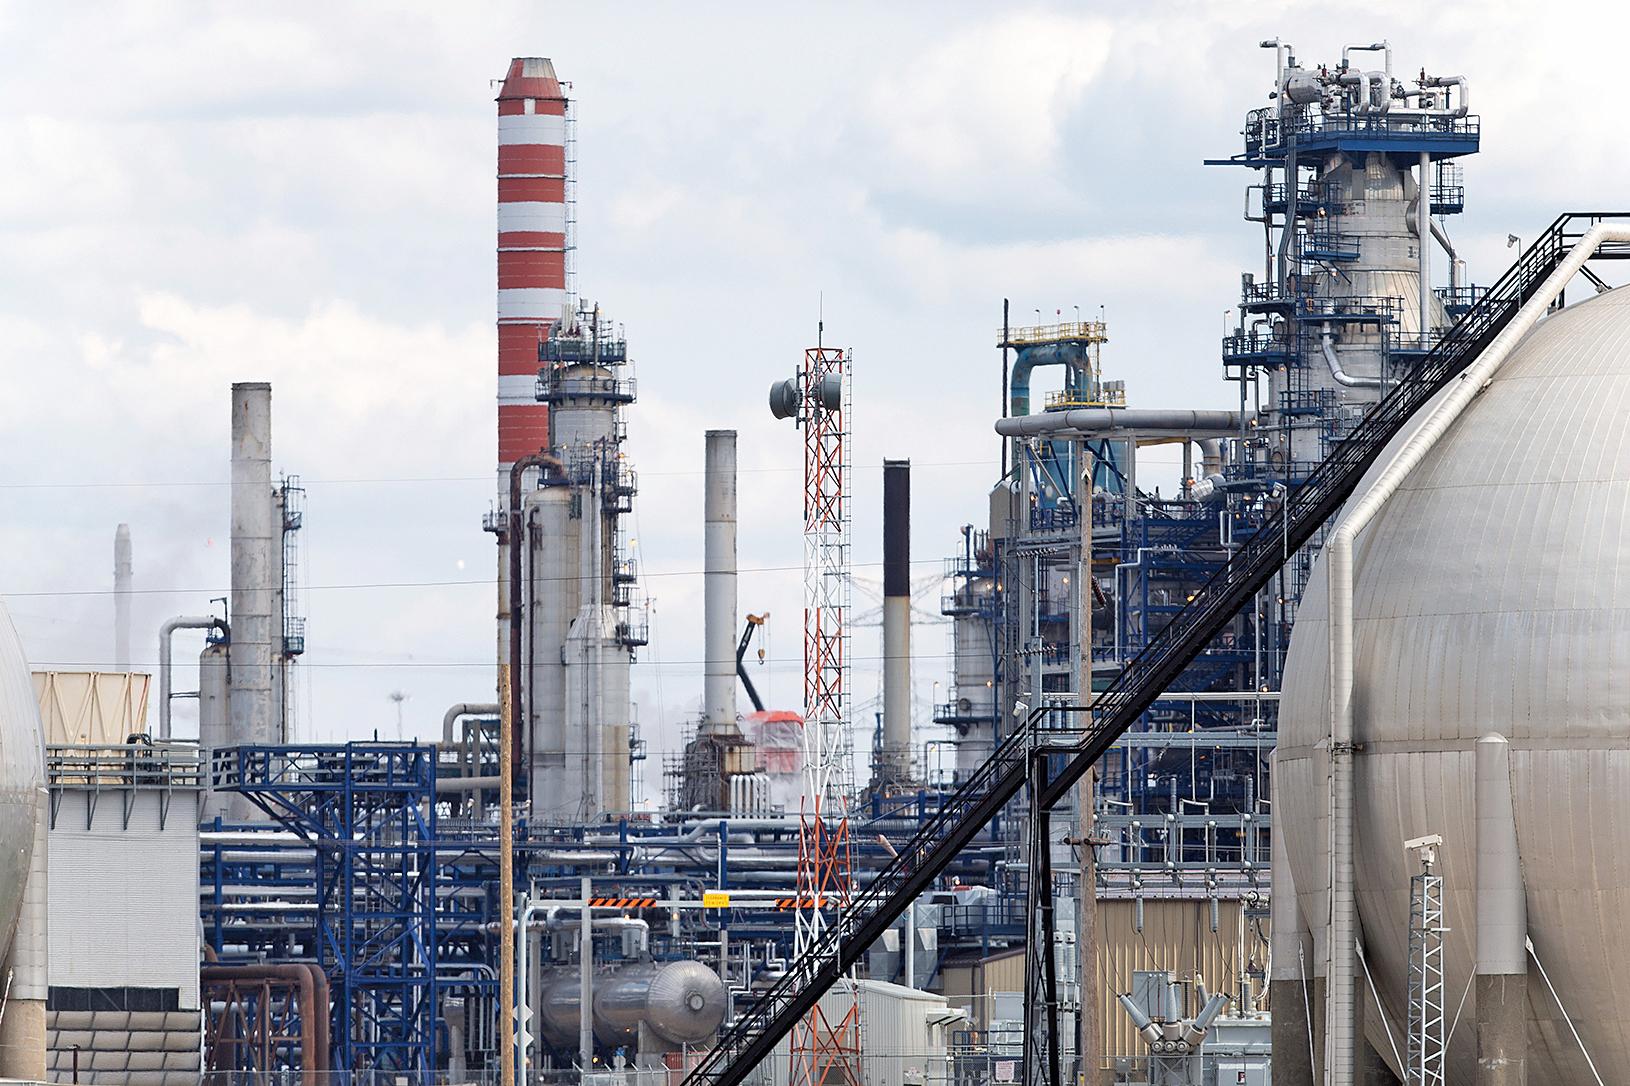 商品行情去年開始加溫,其中尤以原油和鋼鐵的漲價最為明顯。圖為埃德蒙頓的森科(Suncor)煉油廠。(AFP/Getty Images)